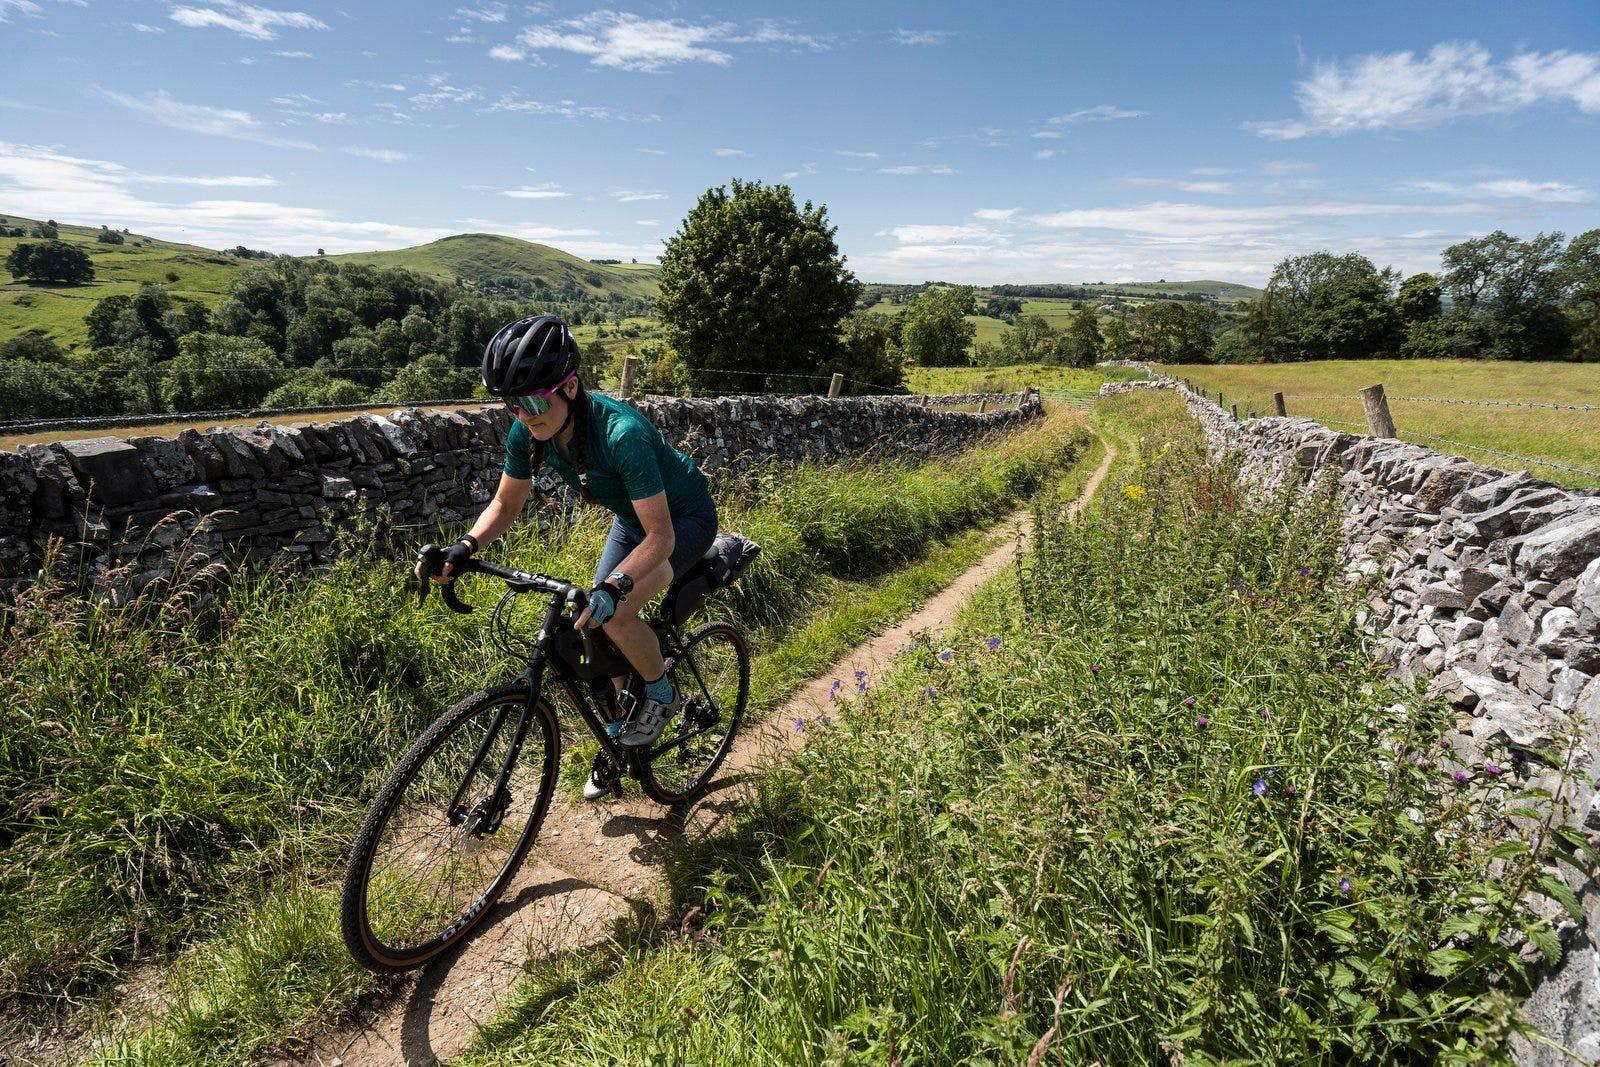 Kerry MacPhee – Croix de Fer 50 first ride